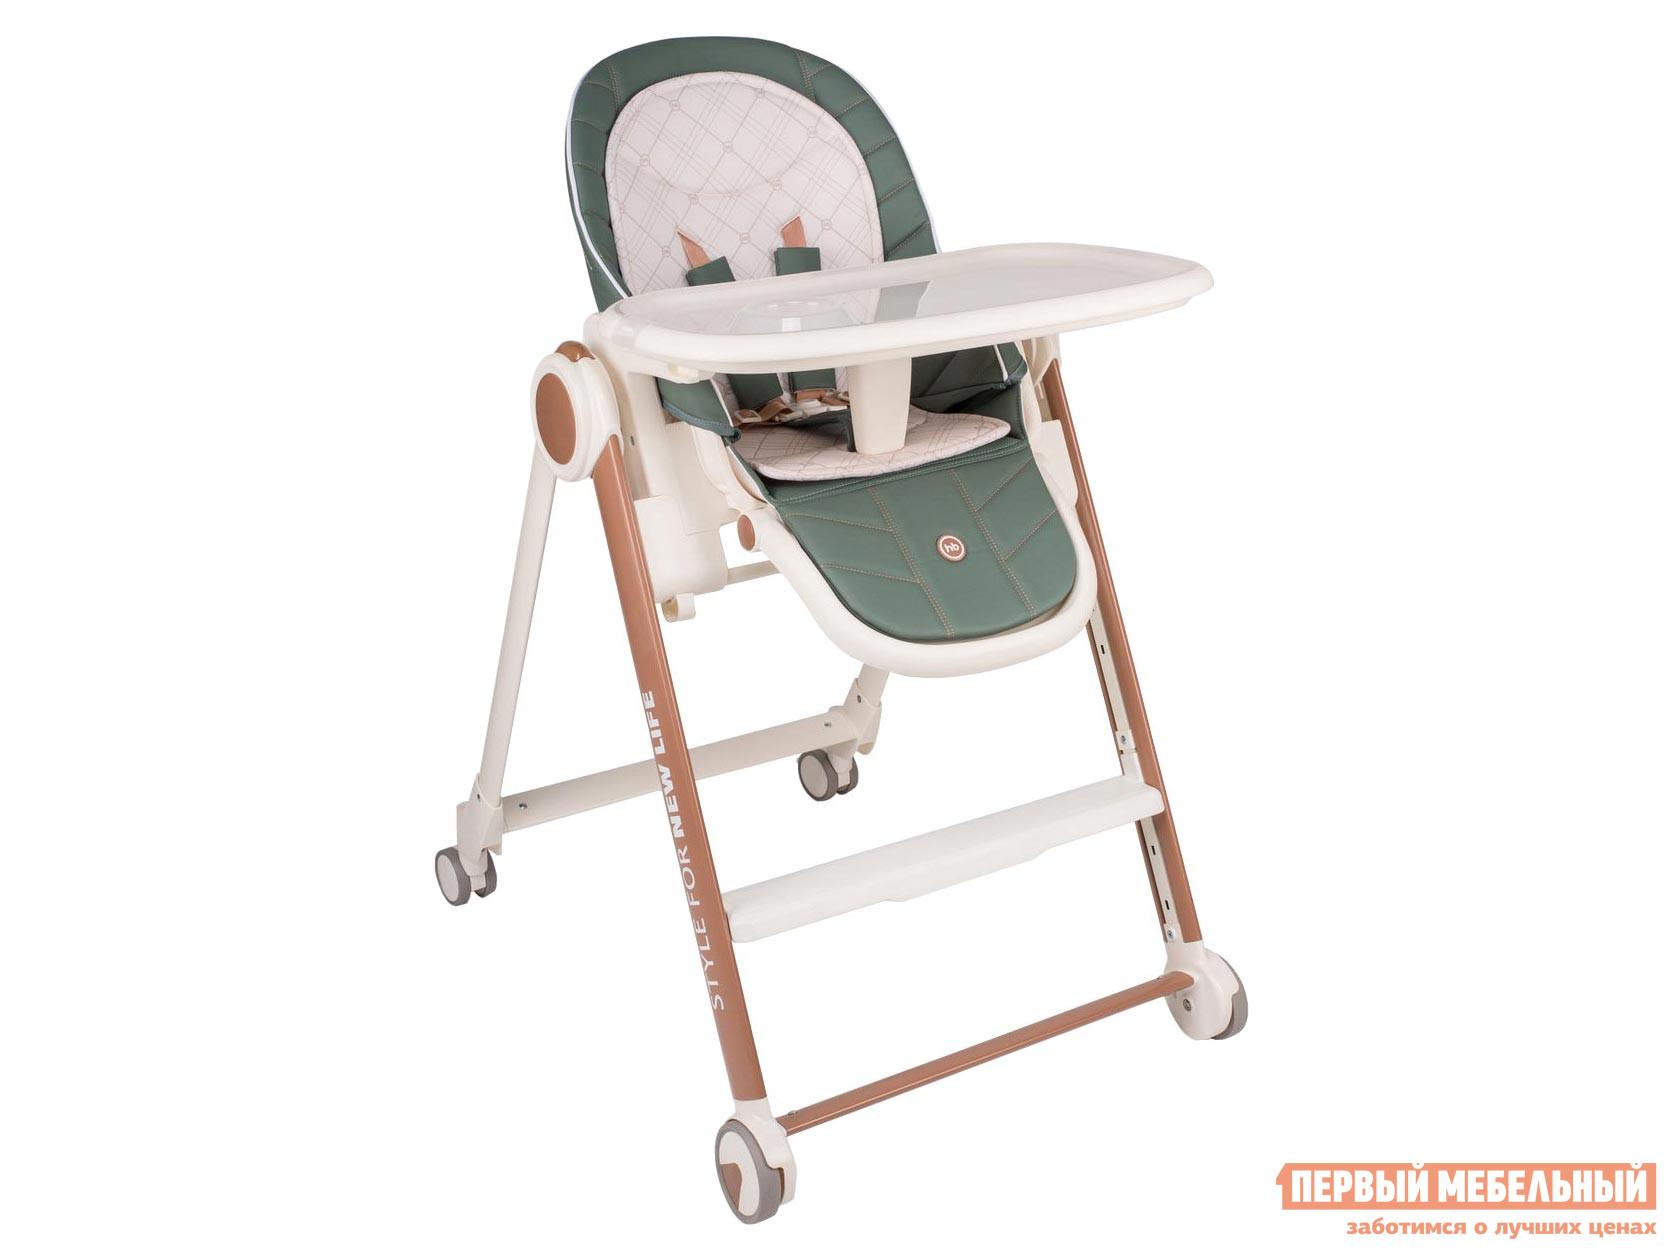 Стульчик для кормления Опт-Юнион Стул для кормления BERNY V2 стул для кормления happy baby berny basic beige